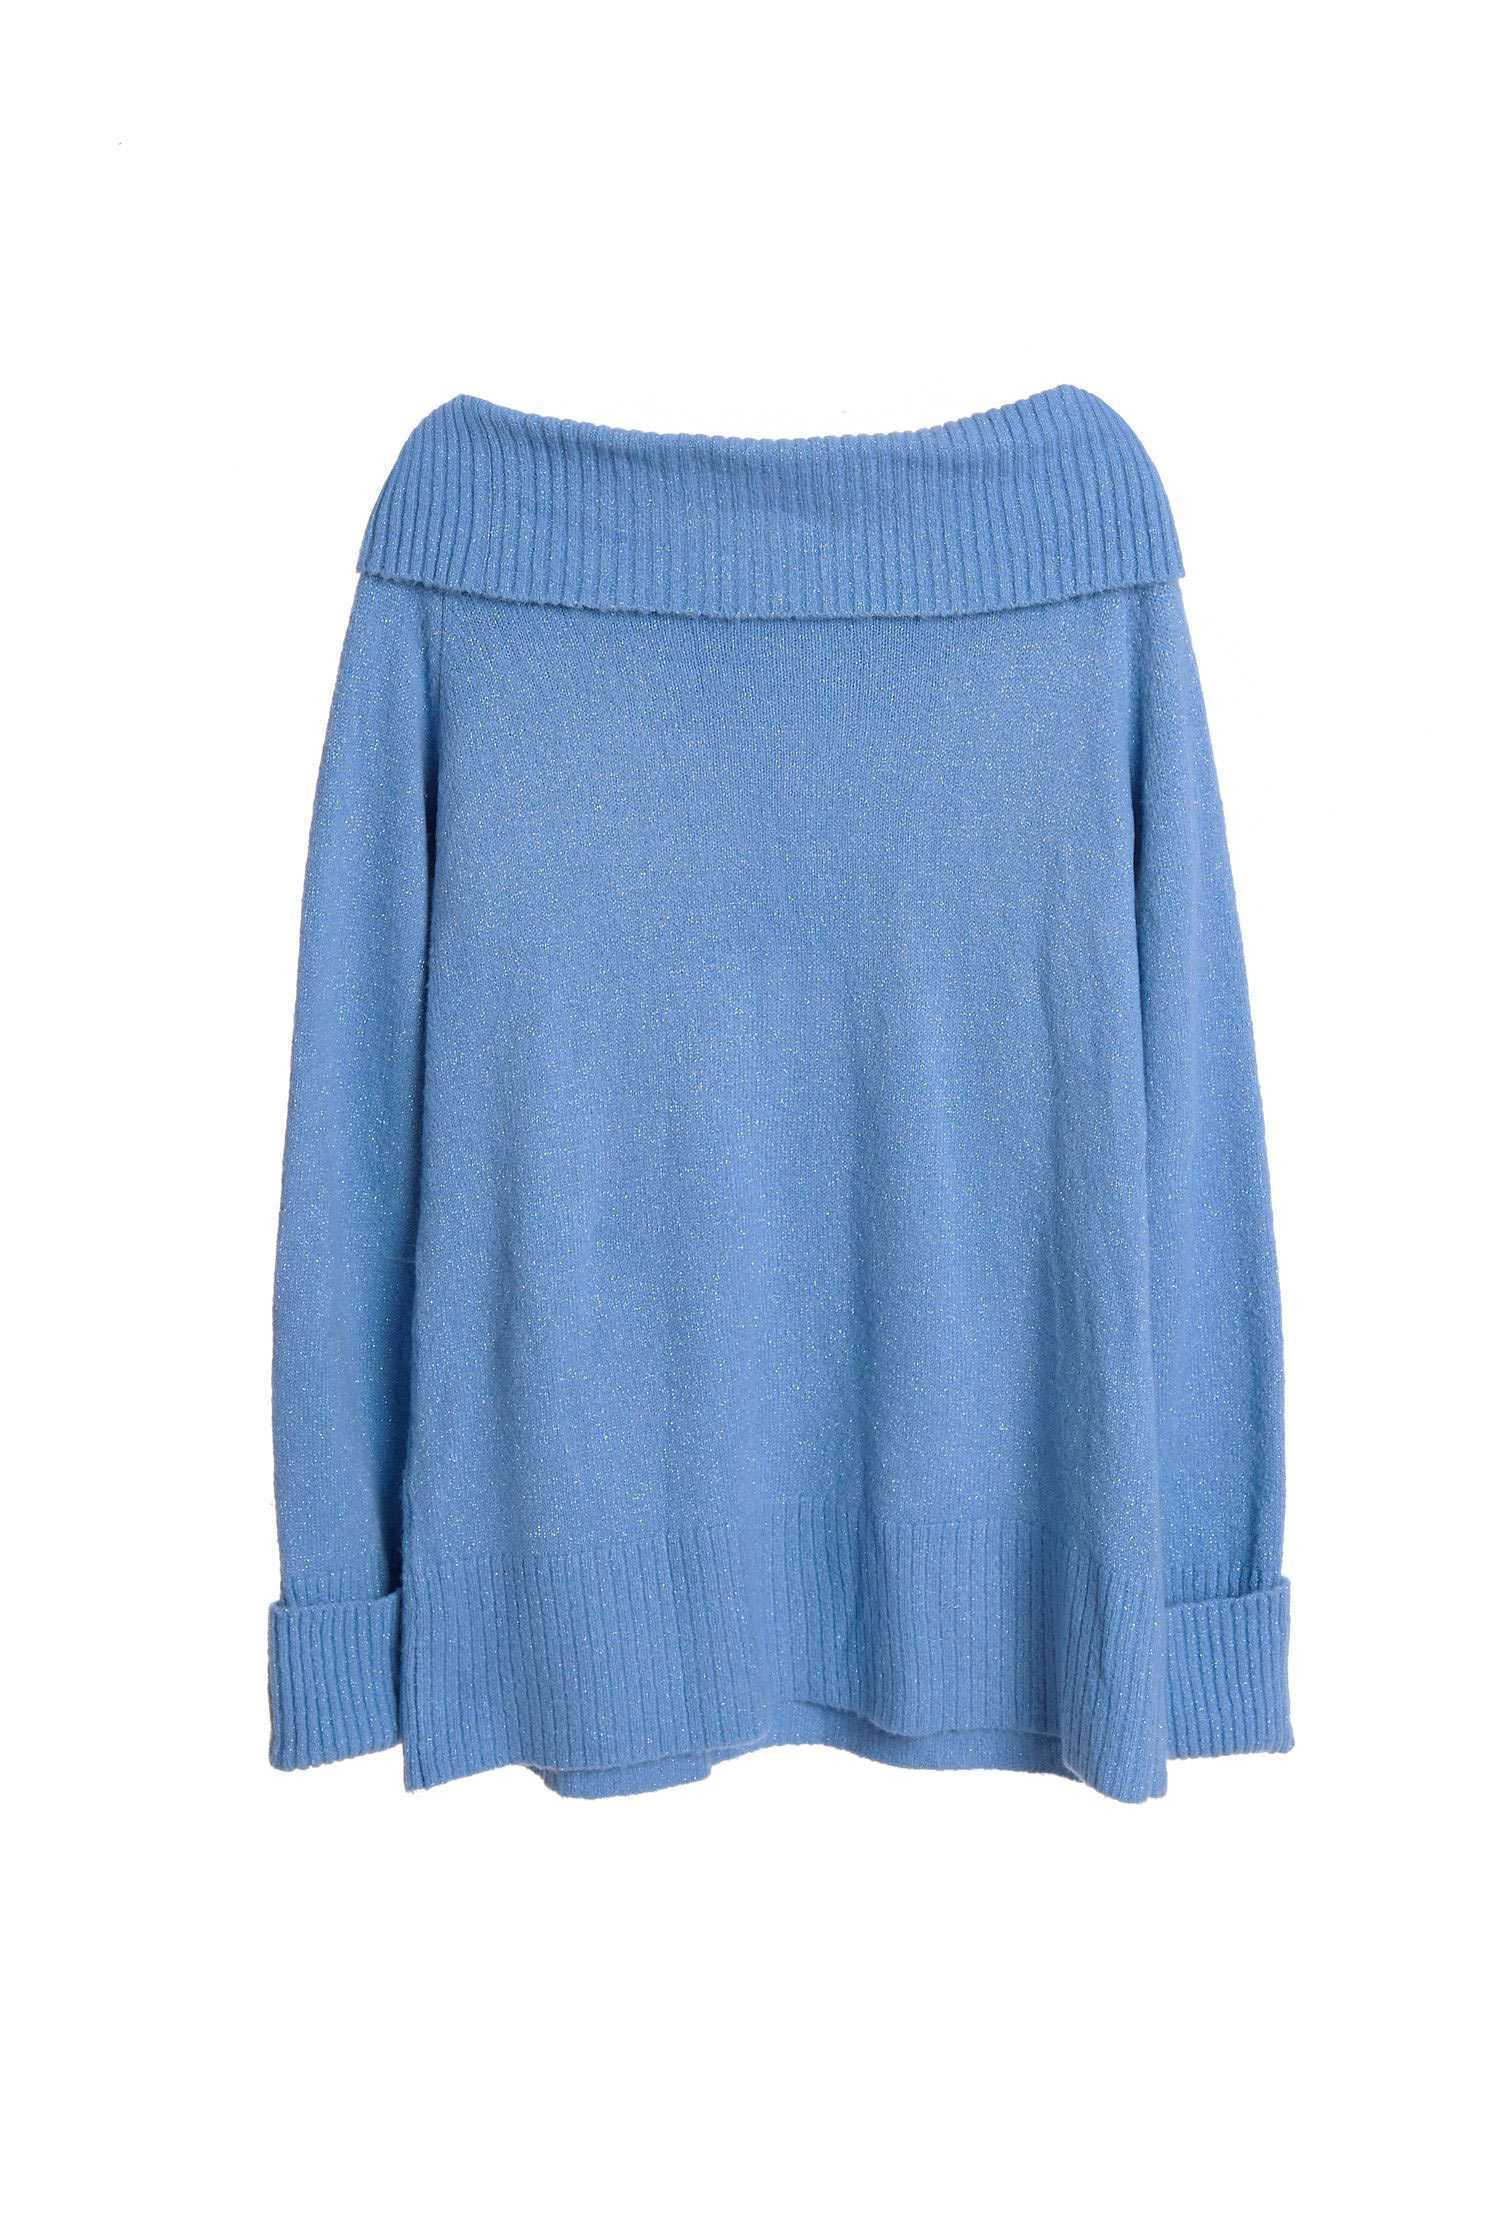 Blue glitter knitted Off-shoulder top,pantoneblue,offshouldertop,top,offshouldertop,shouldertop,knitting,knittedtop,knittedtop,longsleevetop